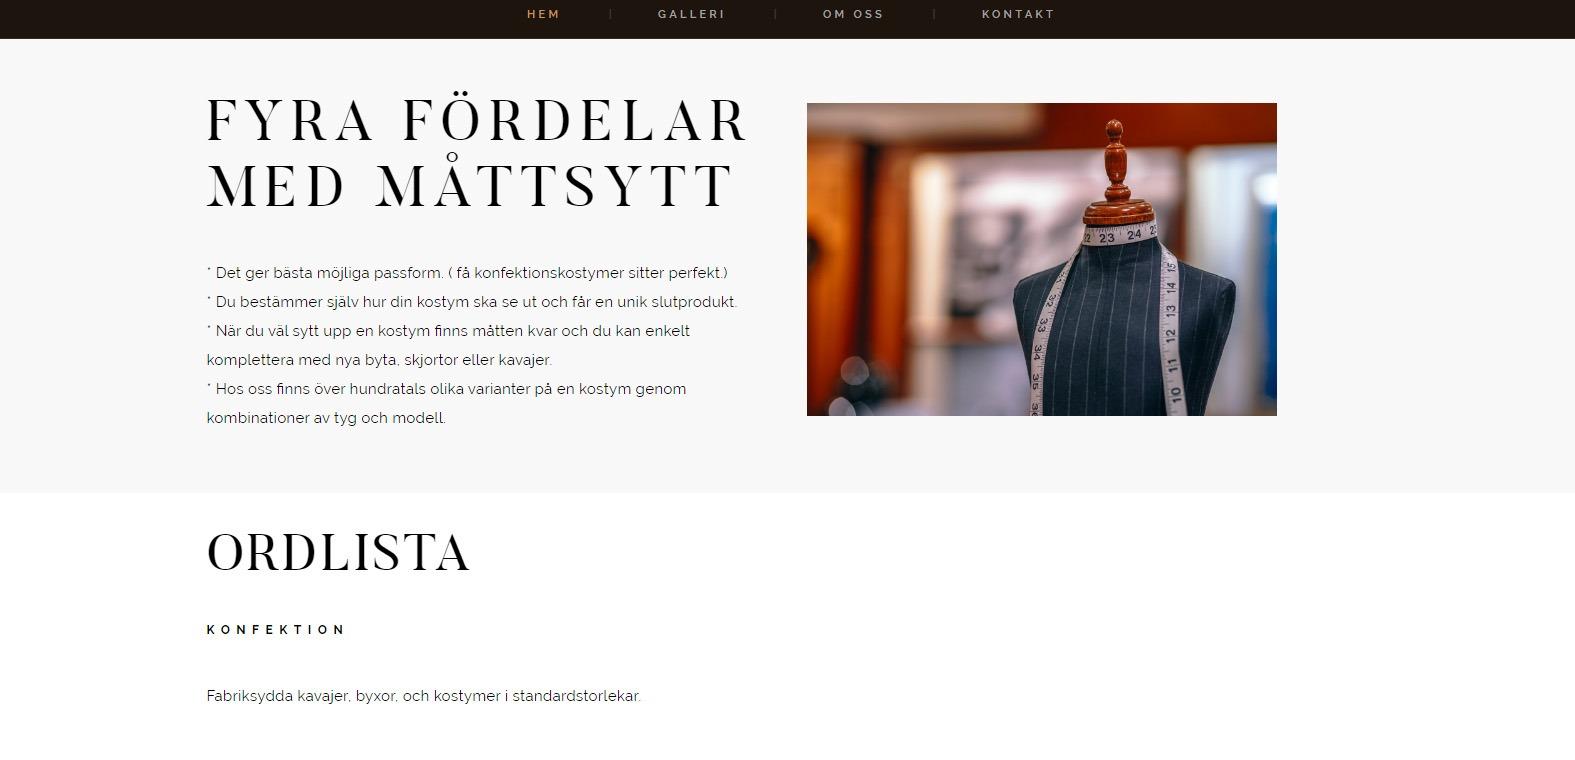 Snygg hemsida 2018 skräddare i Västra Frölunda - Webbyrån Hjälp med hemsidan